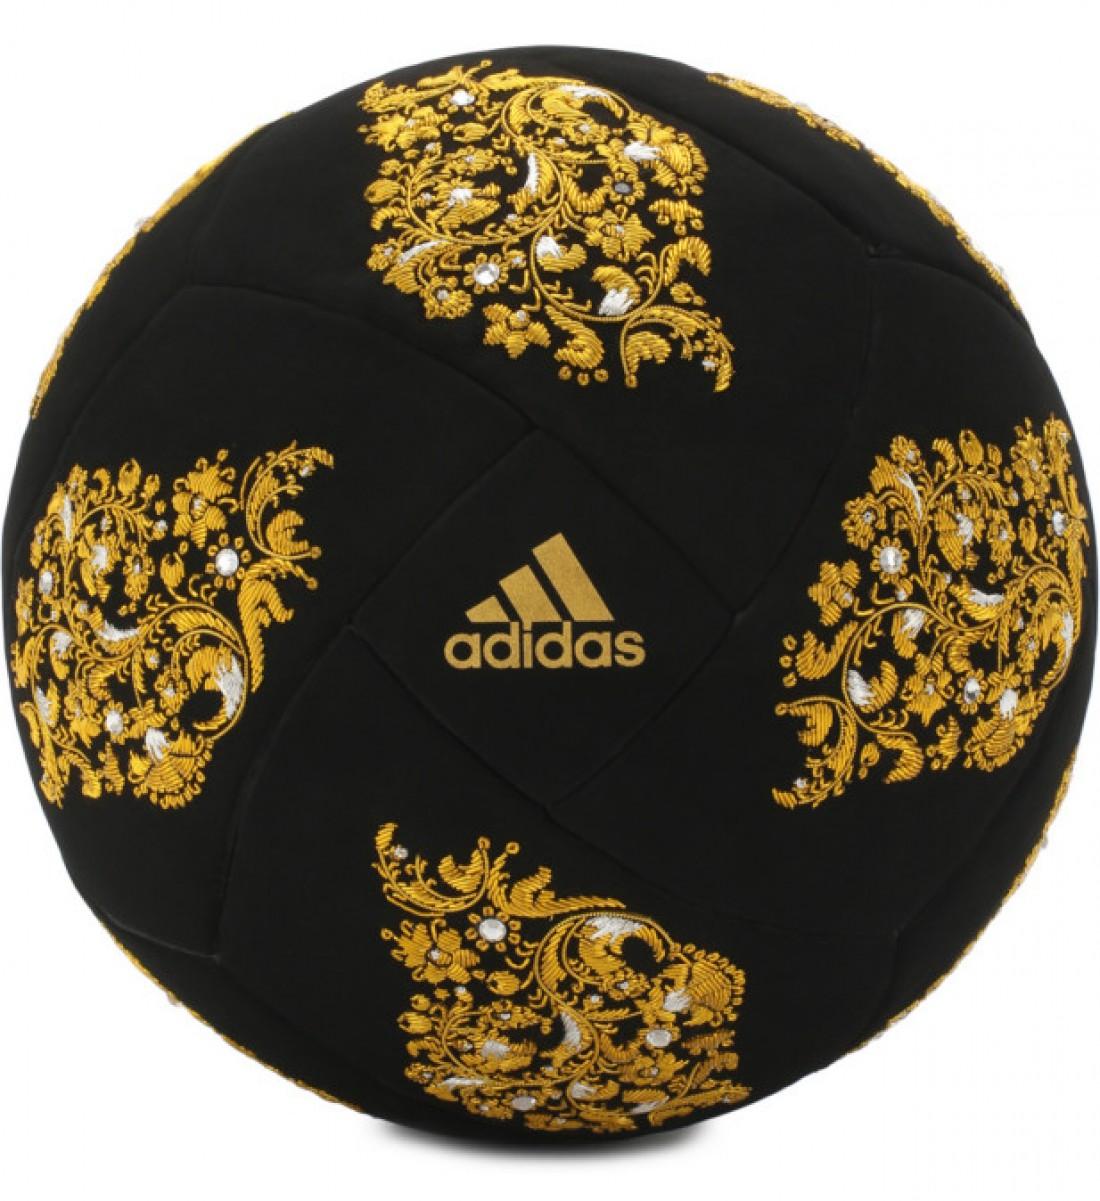 Эксклюзивный футбольный мяч adidas Deluxe Ball — 40 000 грн